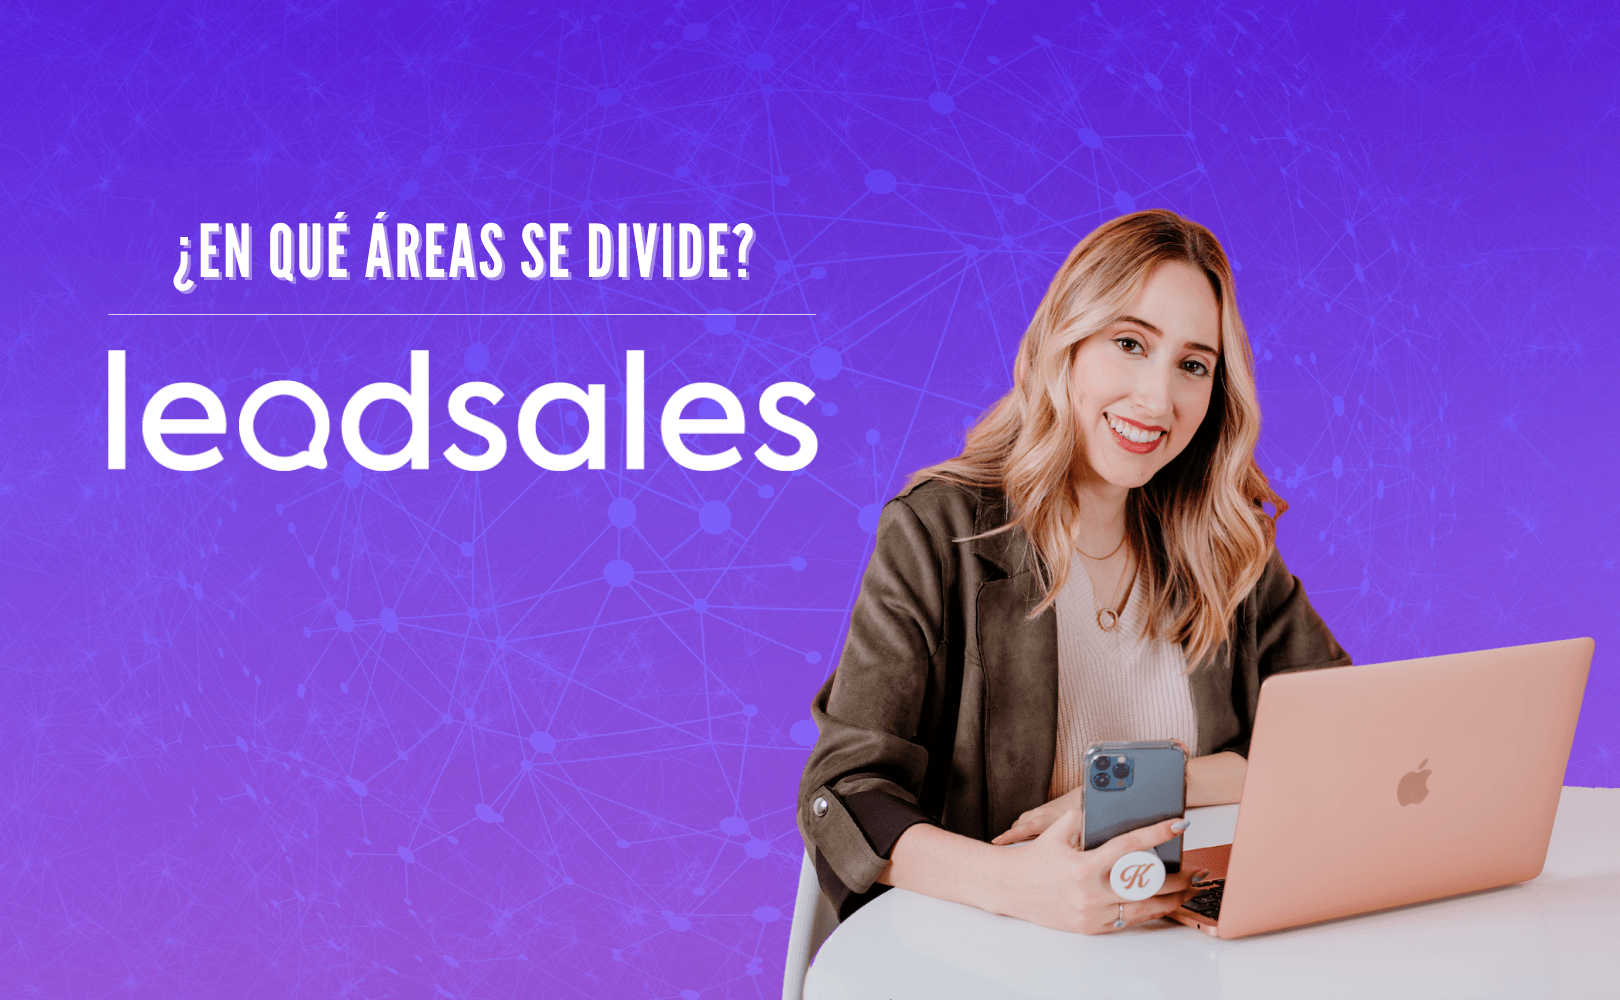 ¿En qué áreas se divide Leadsales?